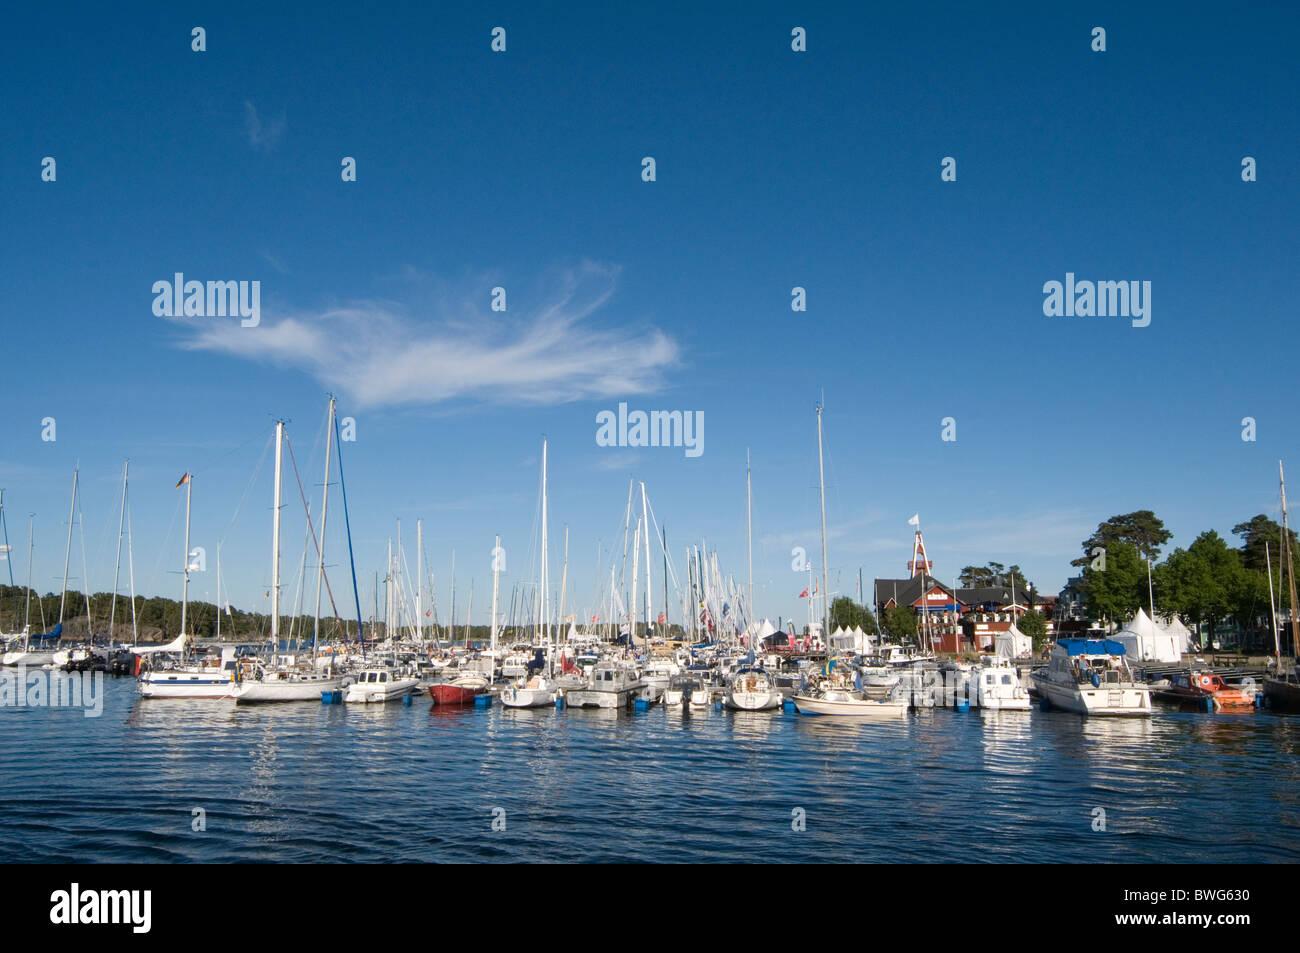 Stockholm archipelago sandhamn archipelagos marina boat boats yacht yachts yachting - Stock Image